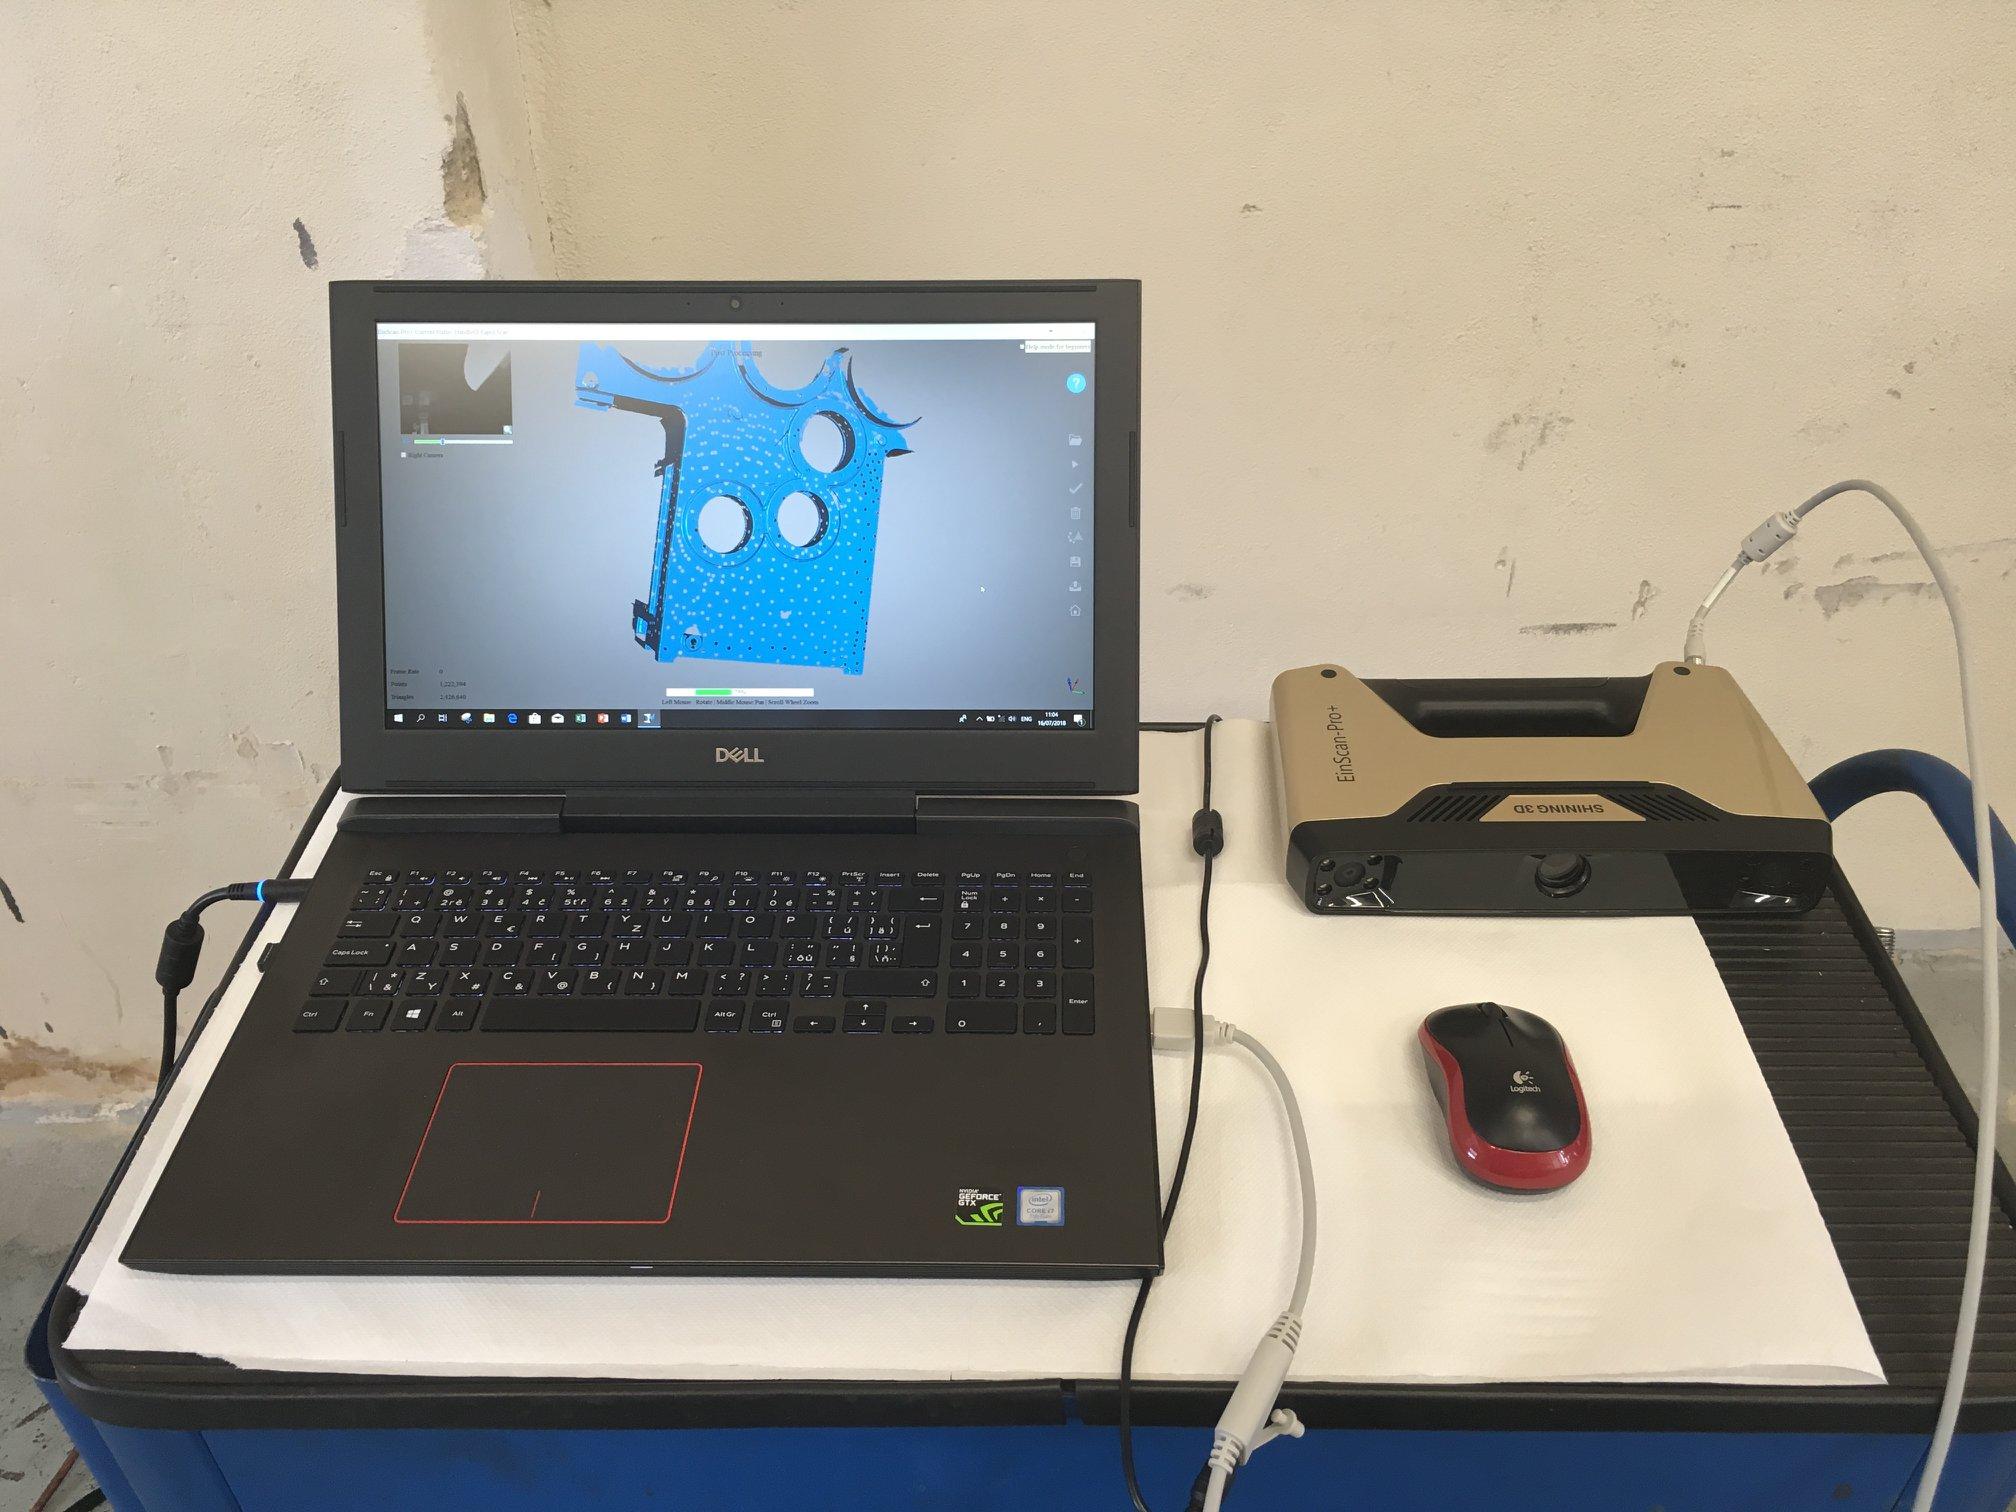 Scan 3D chi tiết máy lớn sử dụng máy quét 3D Einscan Pro Plus là một ứng dụng khá mới. Từ trước tới nay Scan 3D chi tiết máy lớn người ta thường dùng...